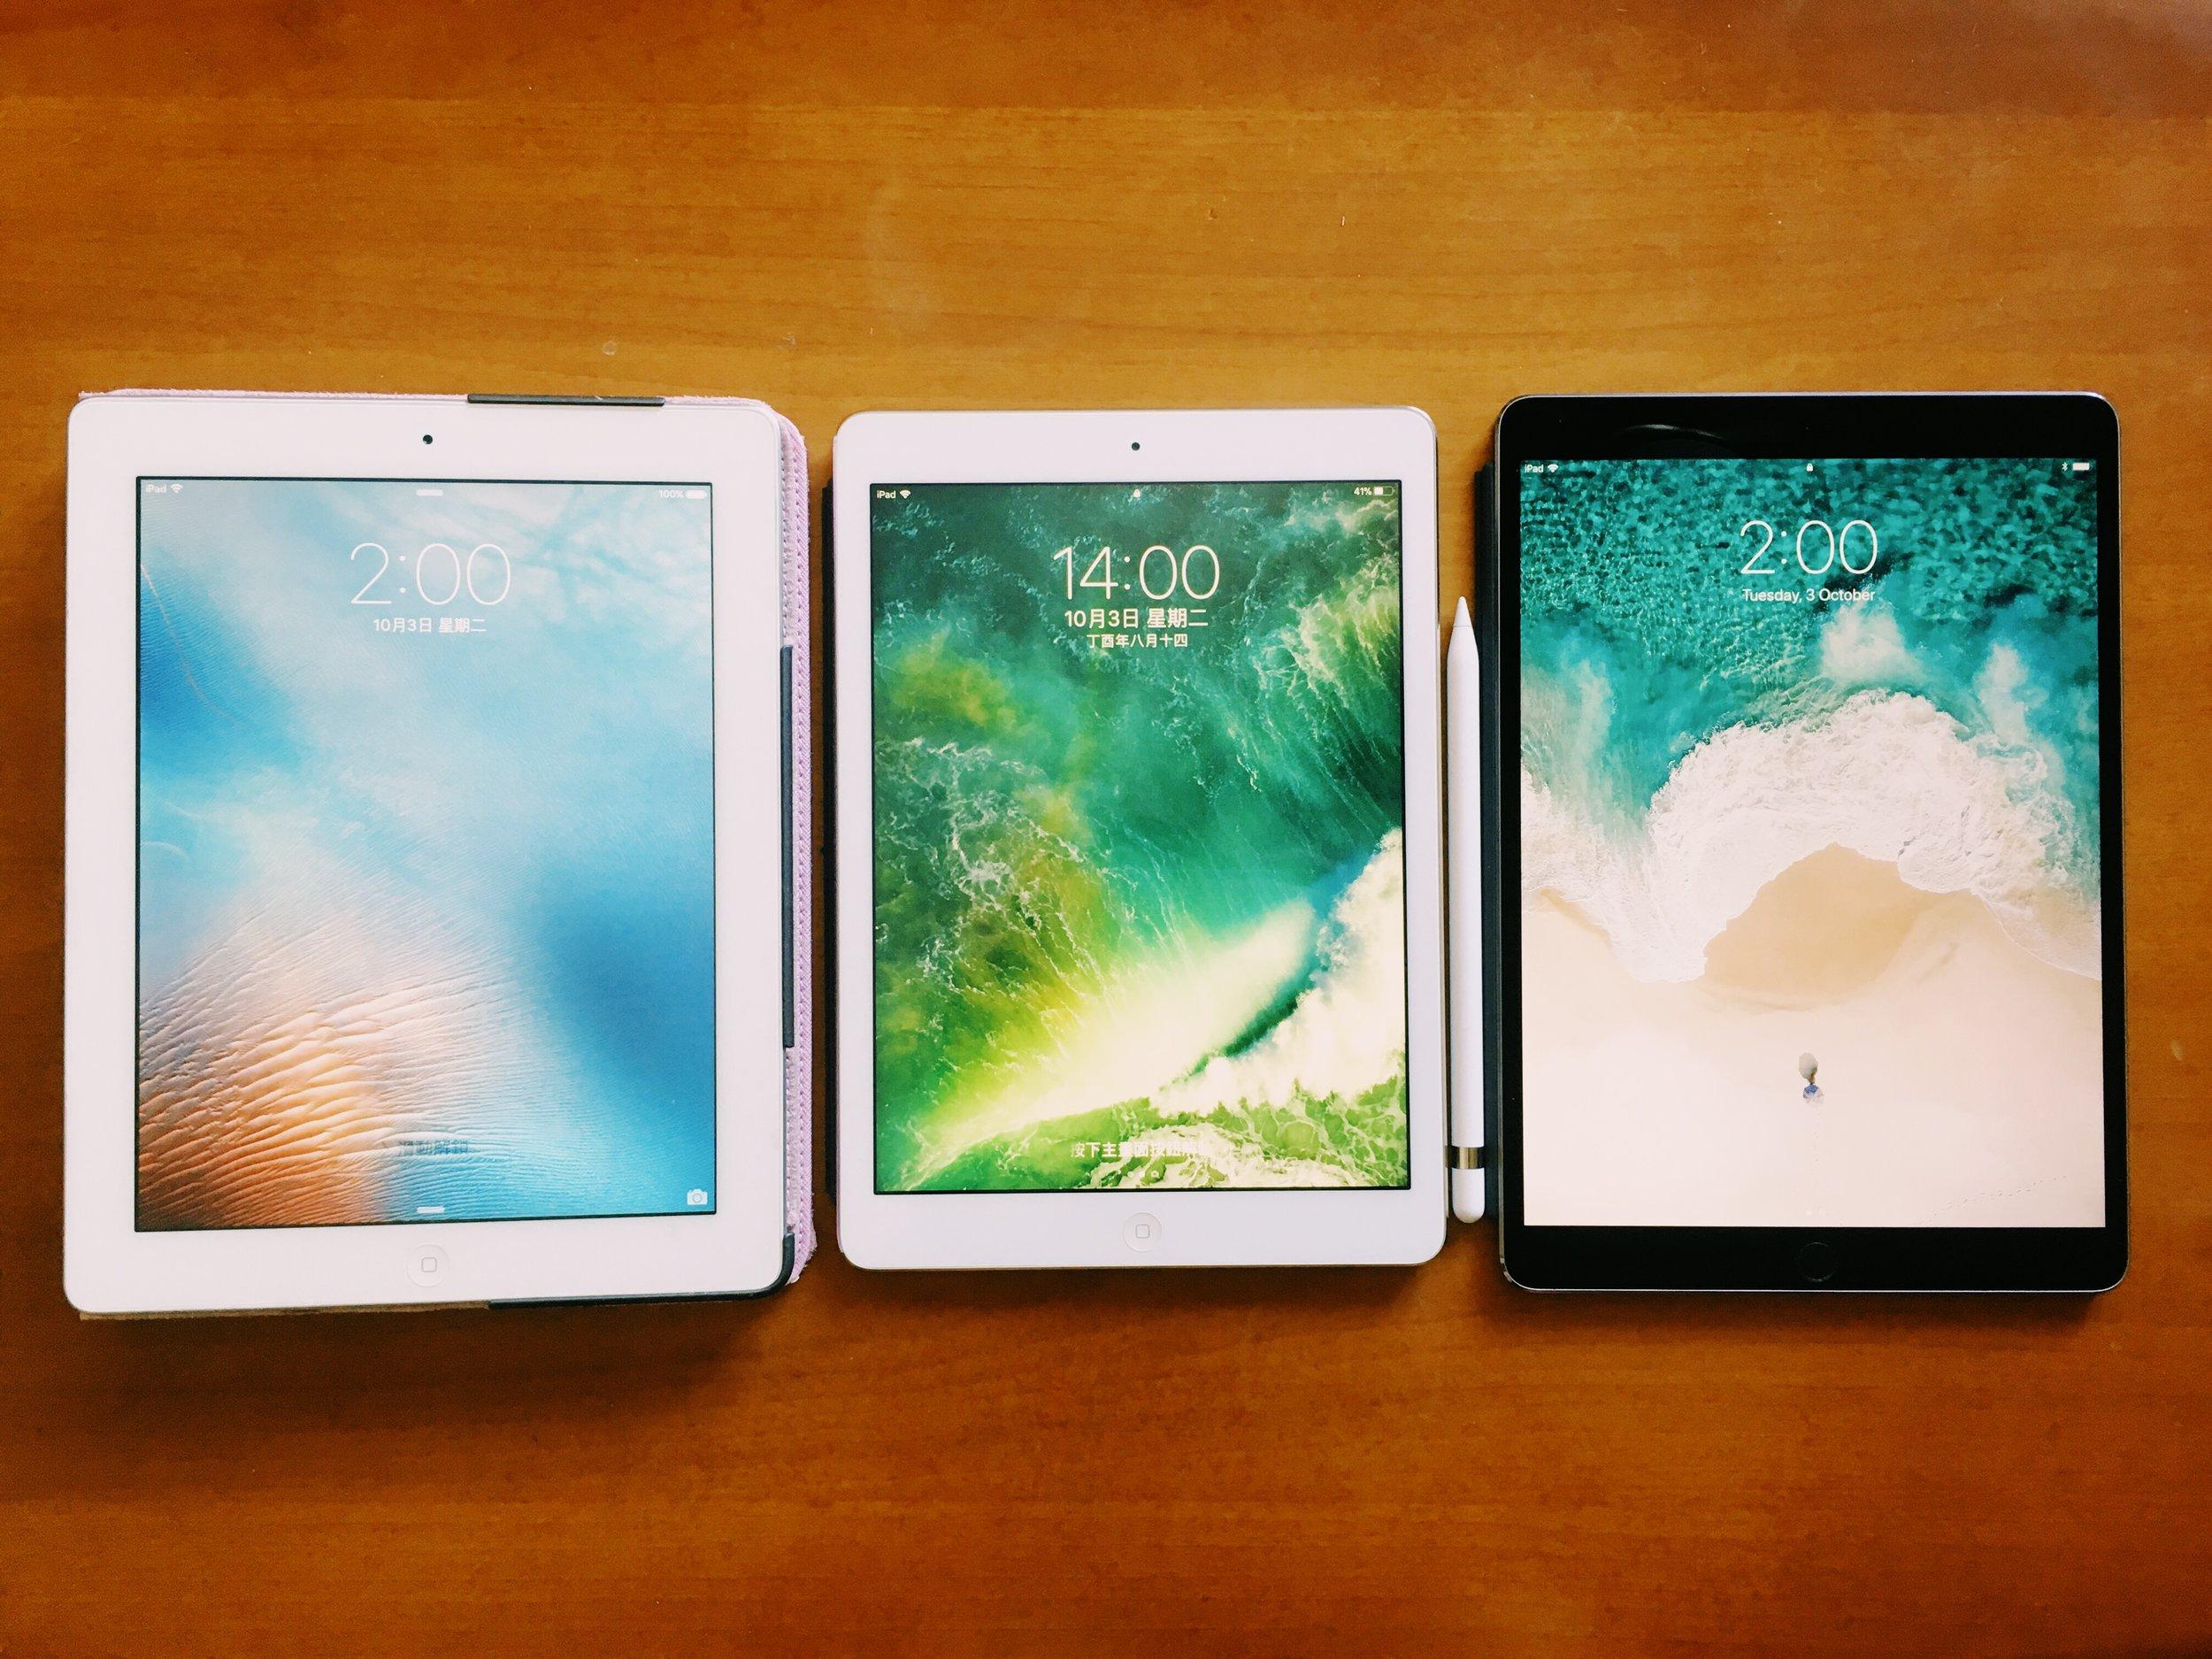 iPad 2, iPad Air and iPad Pro